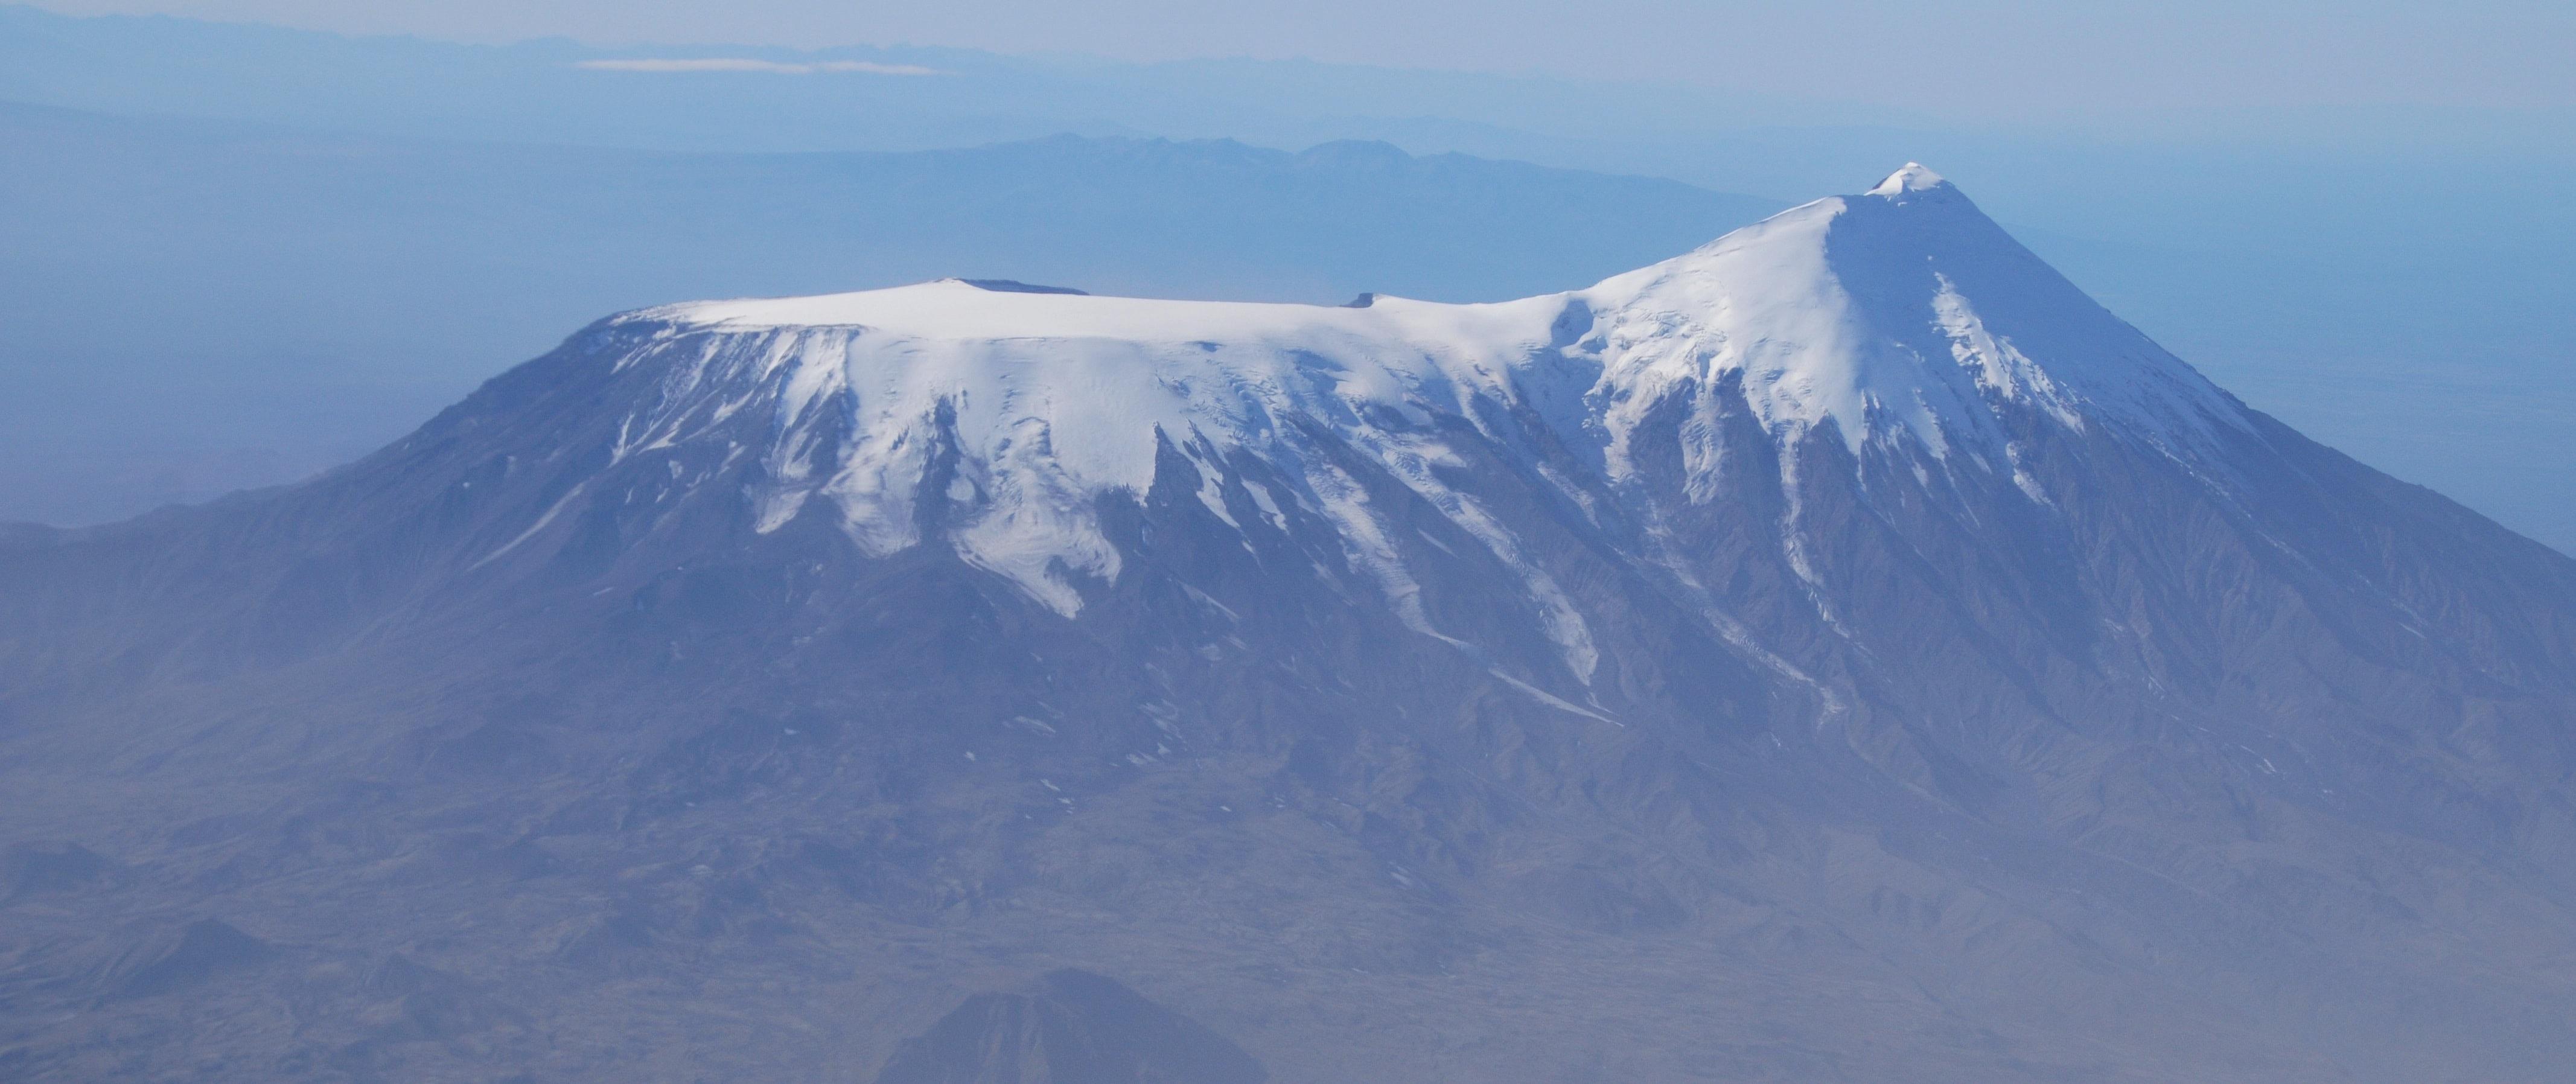 Ploskiy Tolbachik volcano